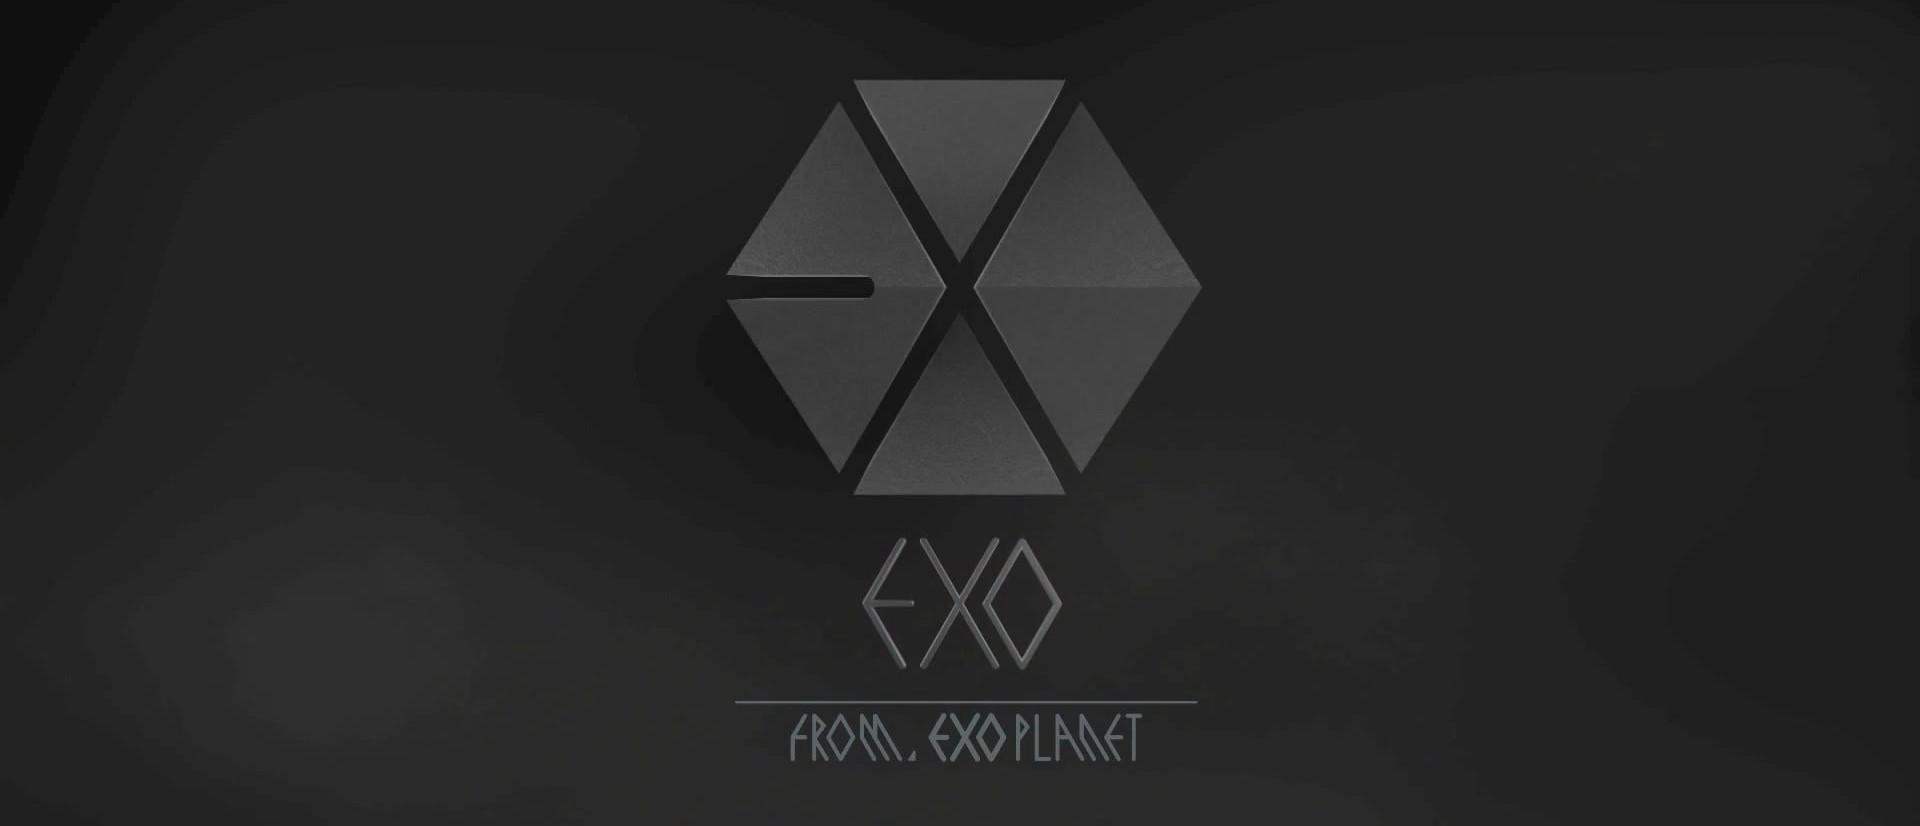 求EXO透明背景LOGO和透明图标_百度知道